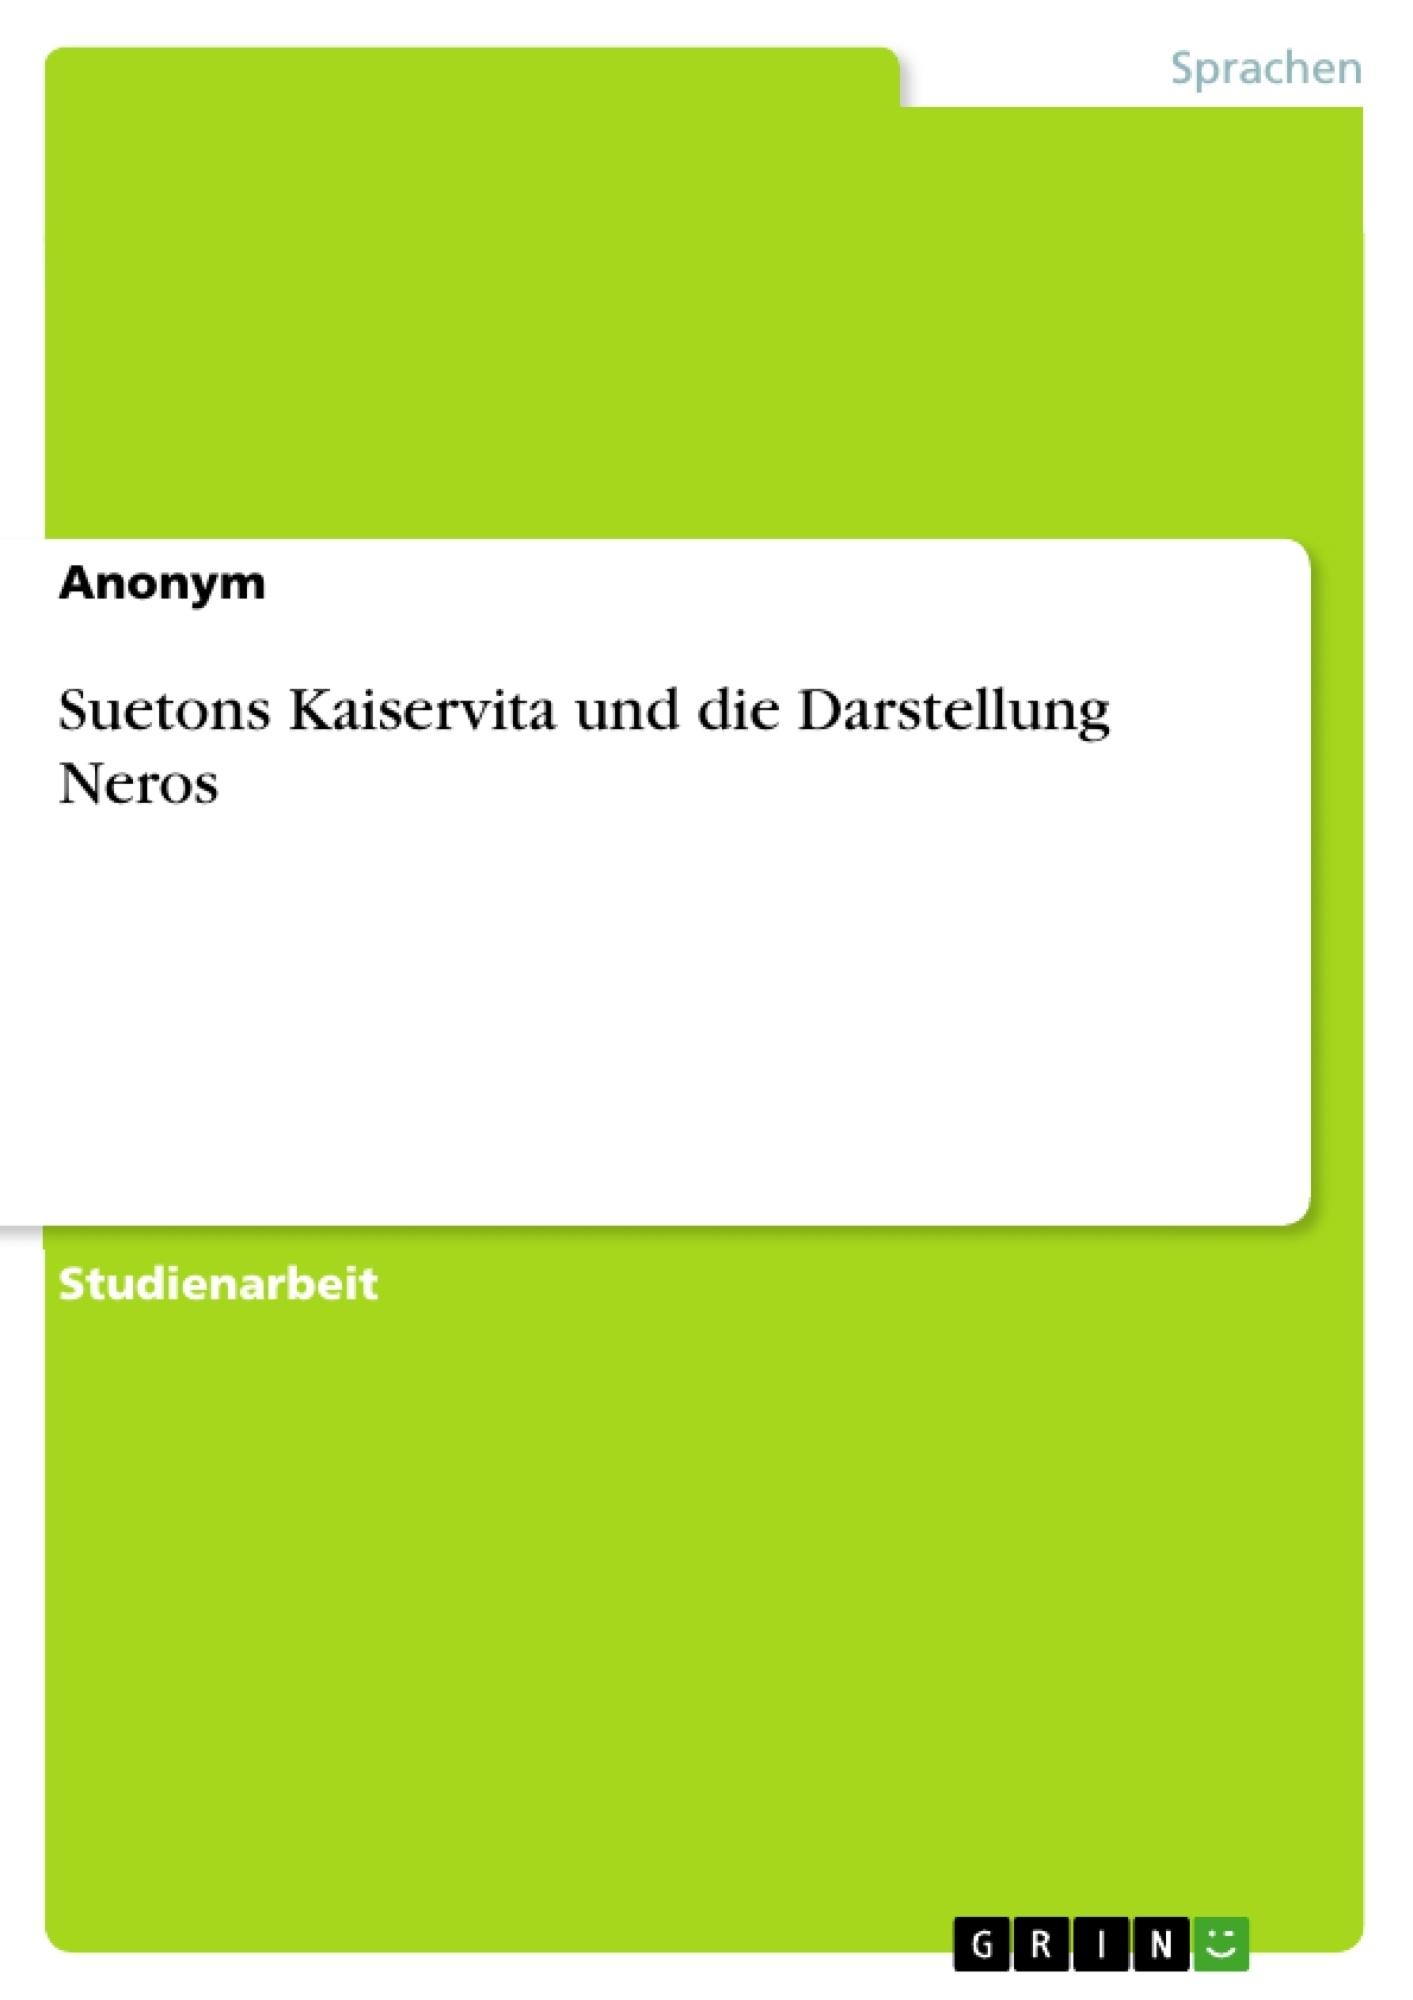 Titel: Suetons Kaiservita und die Darstellung Neros